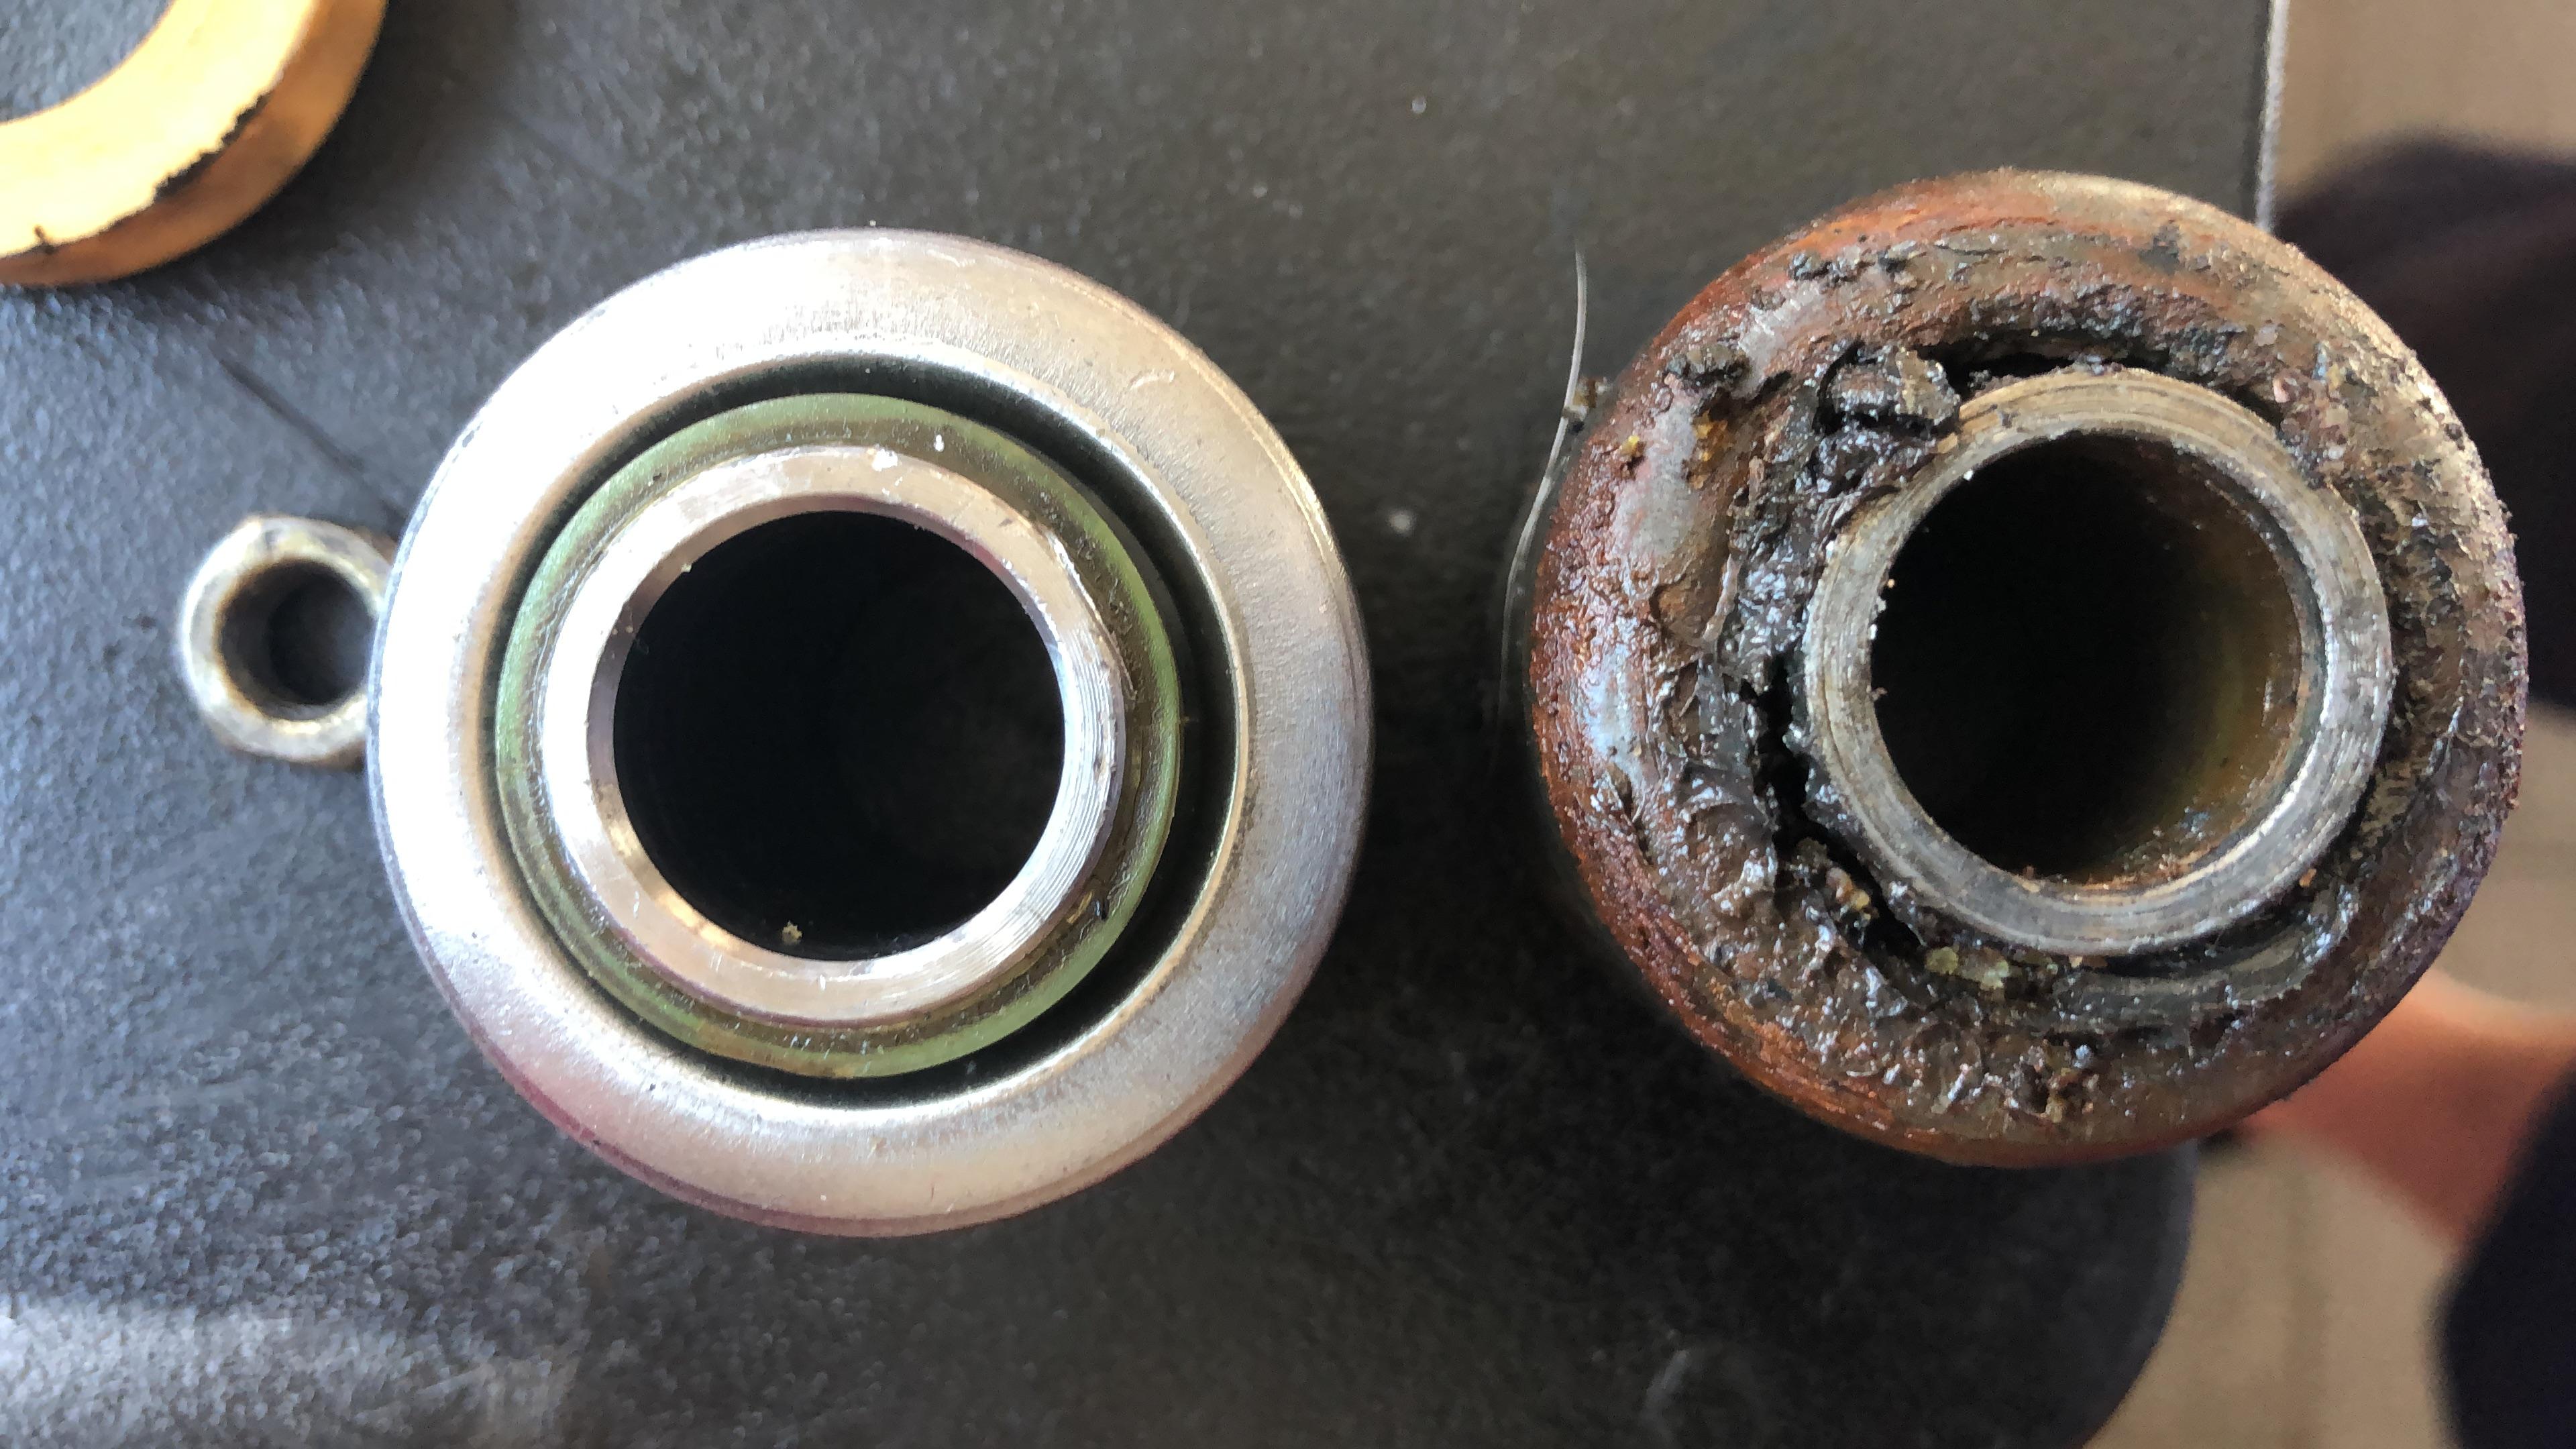 Das Problem der Querlenkerbuchsen beim Alfa Romeo Spider 105/115: Wenn die Autos älter werden, knarrt es an der Vorderachse beim Fahren